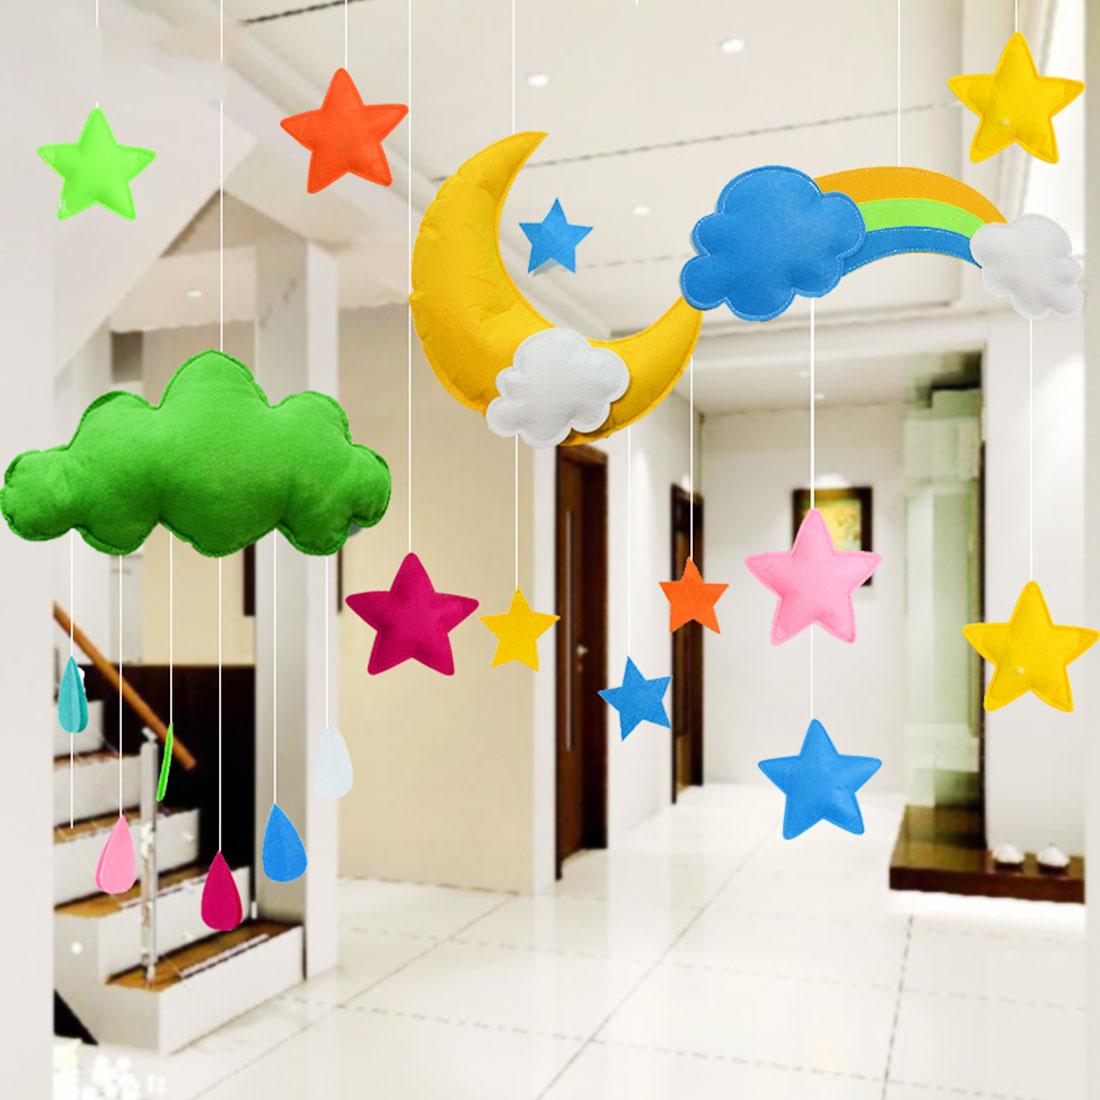 Merasa Cloud Anak Anak Dekorasi Ruang Cloud Gaya Skandinavia Anak Anak Dekorasi Kamar Anak Laki Laki Anak Perempuan Tempat Tidur Gantung Teepee Tenda Mainan Wall Stickers Aliexpress